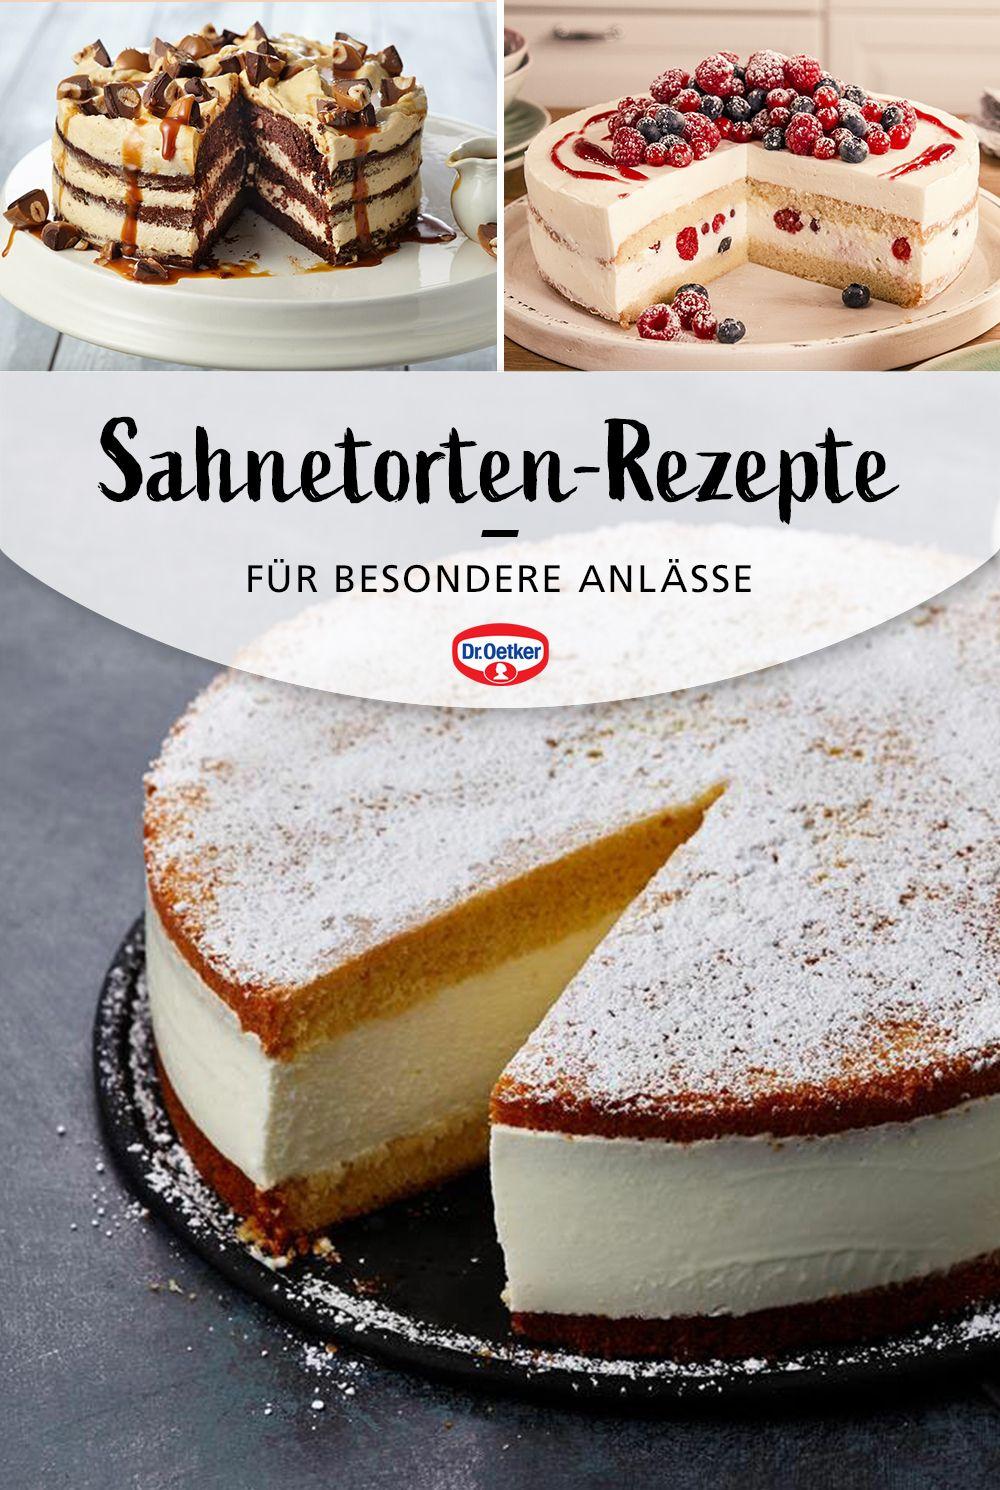 34feb7a0b71c807fc8371c1b597989e7 - Rezepte Torten